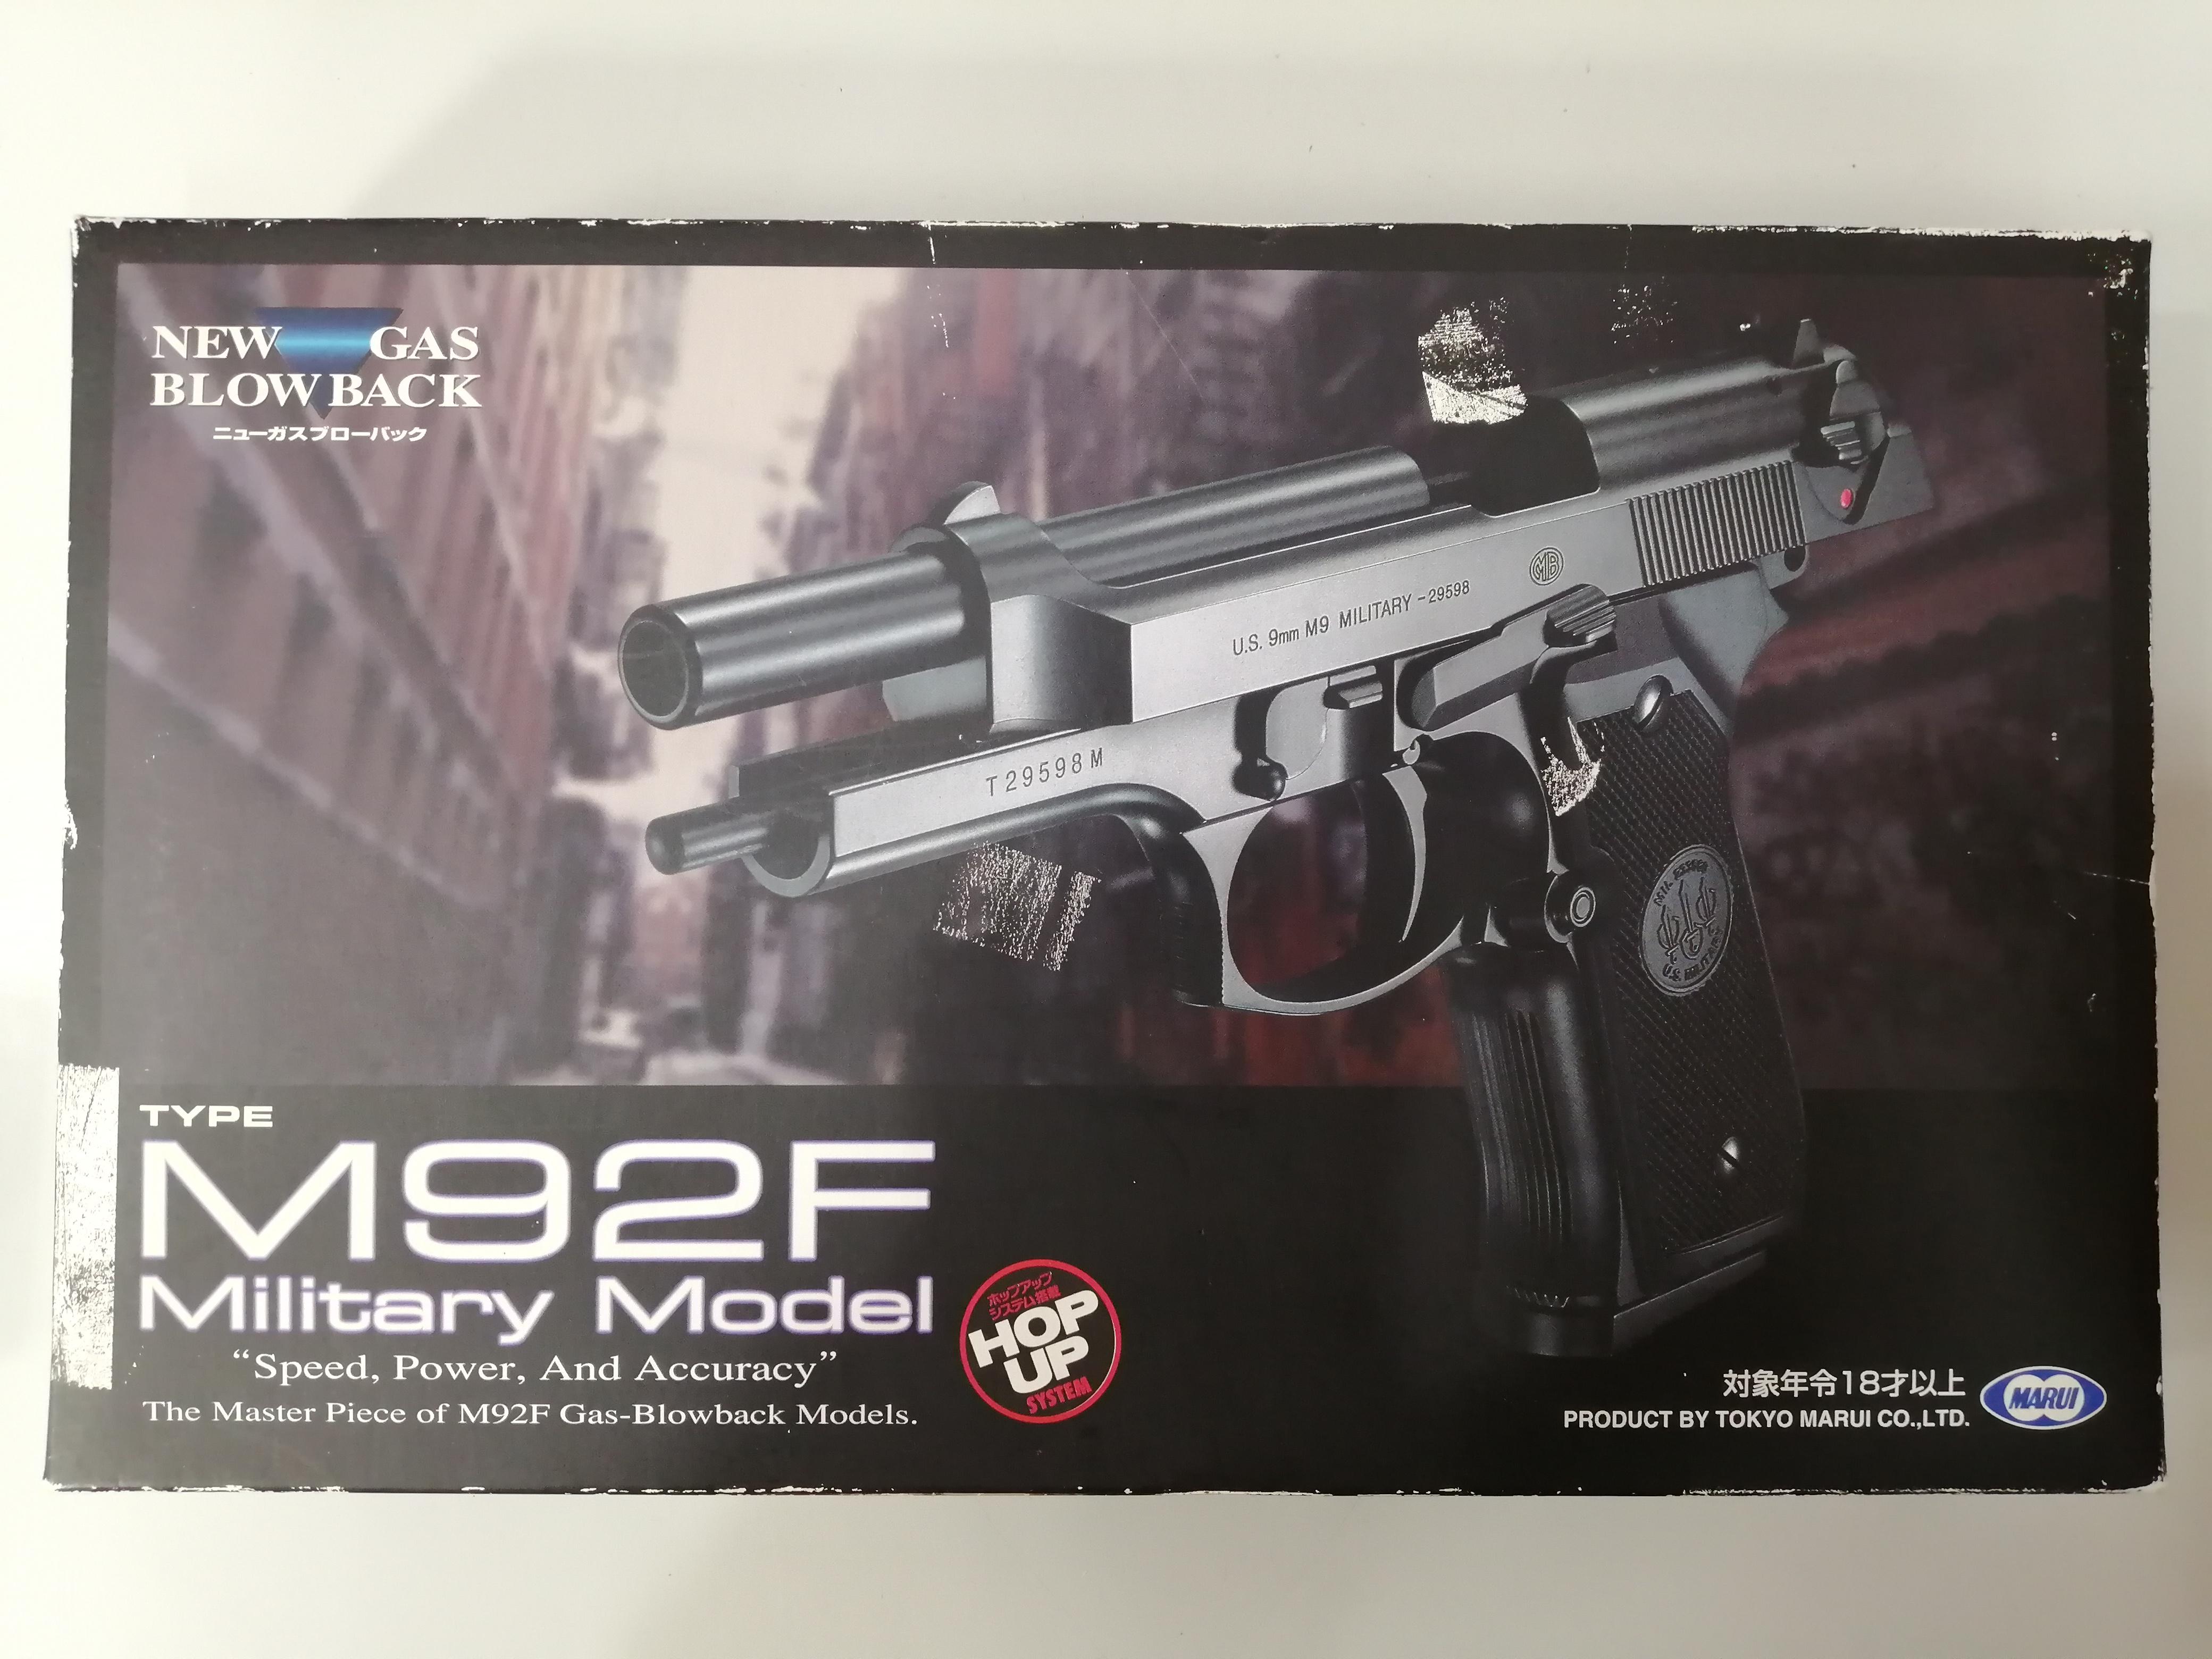 M92F military model|MARUI